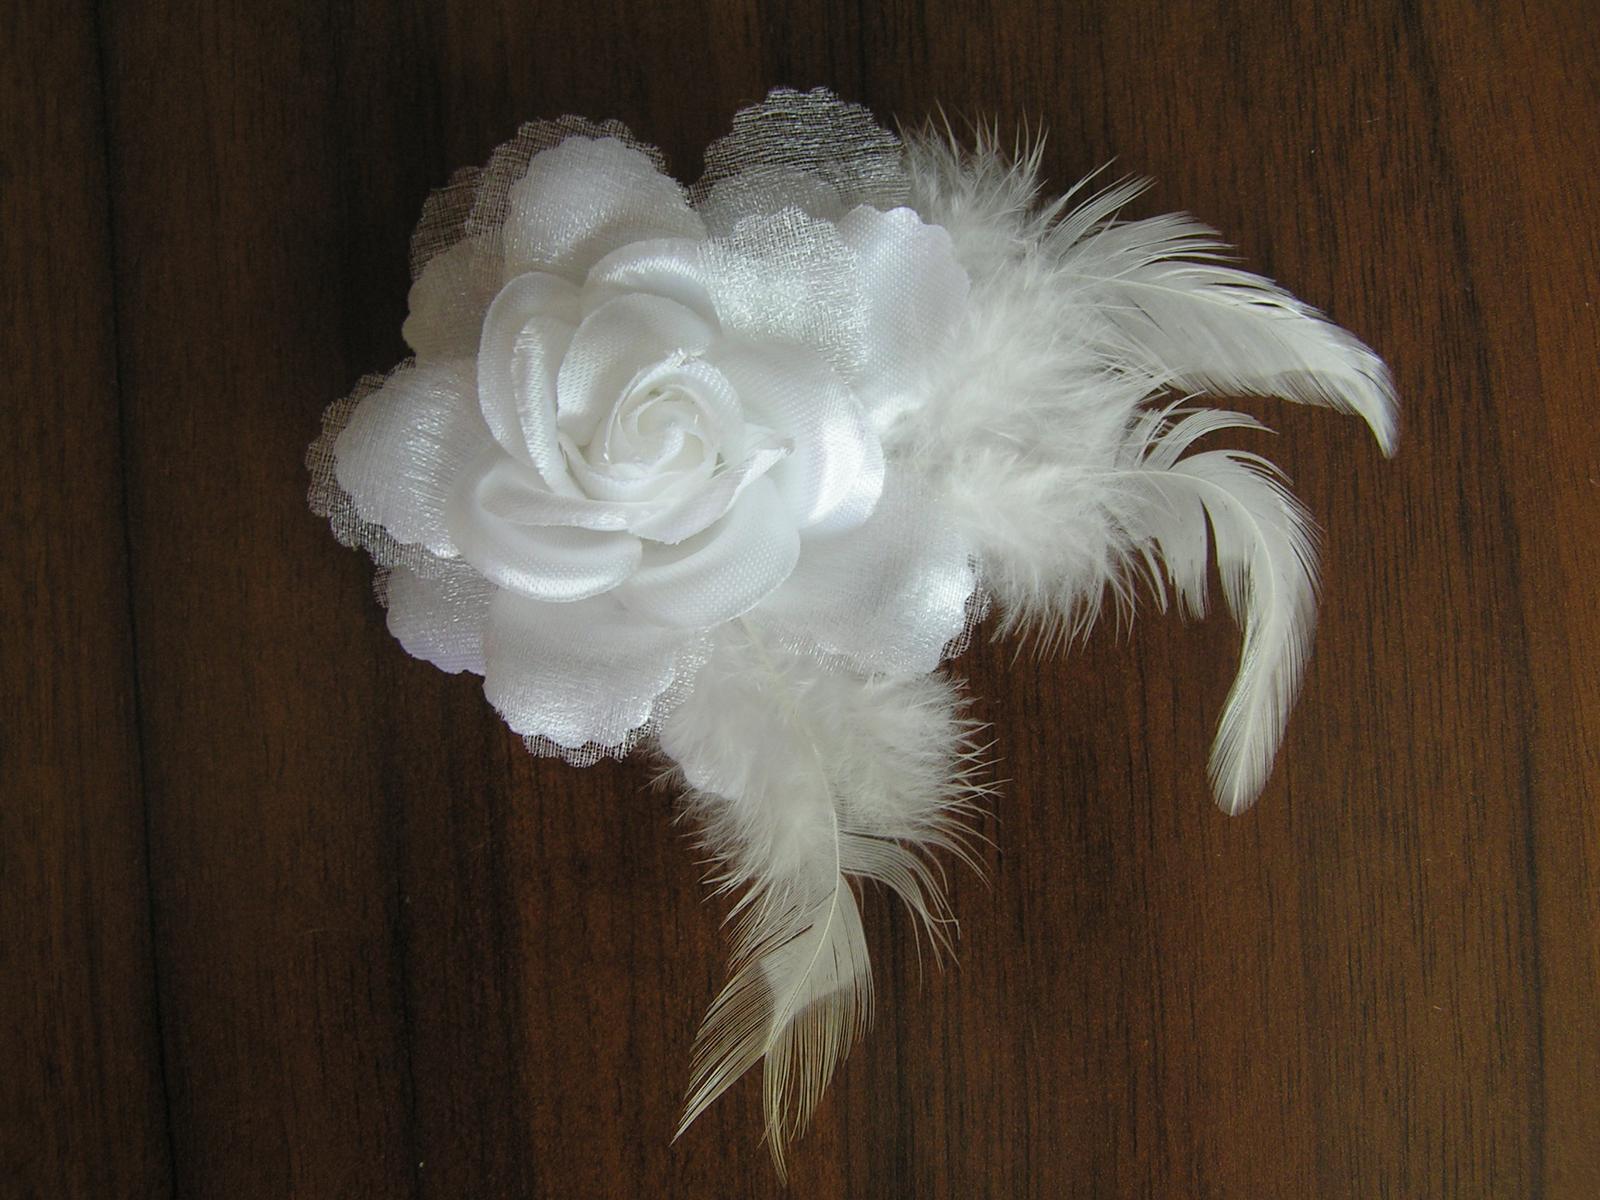 Květina na skřipci do vlasů - Obrázek č. 1